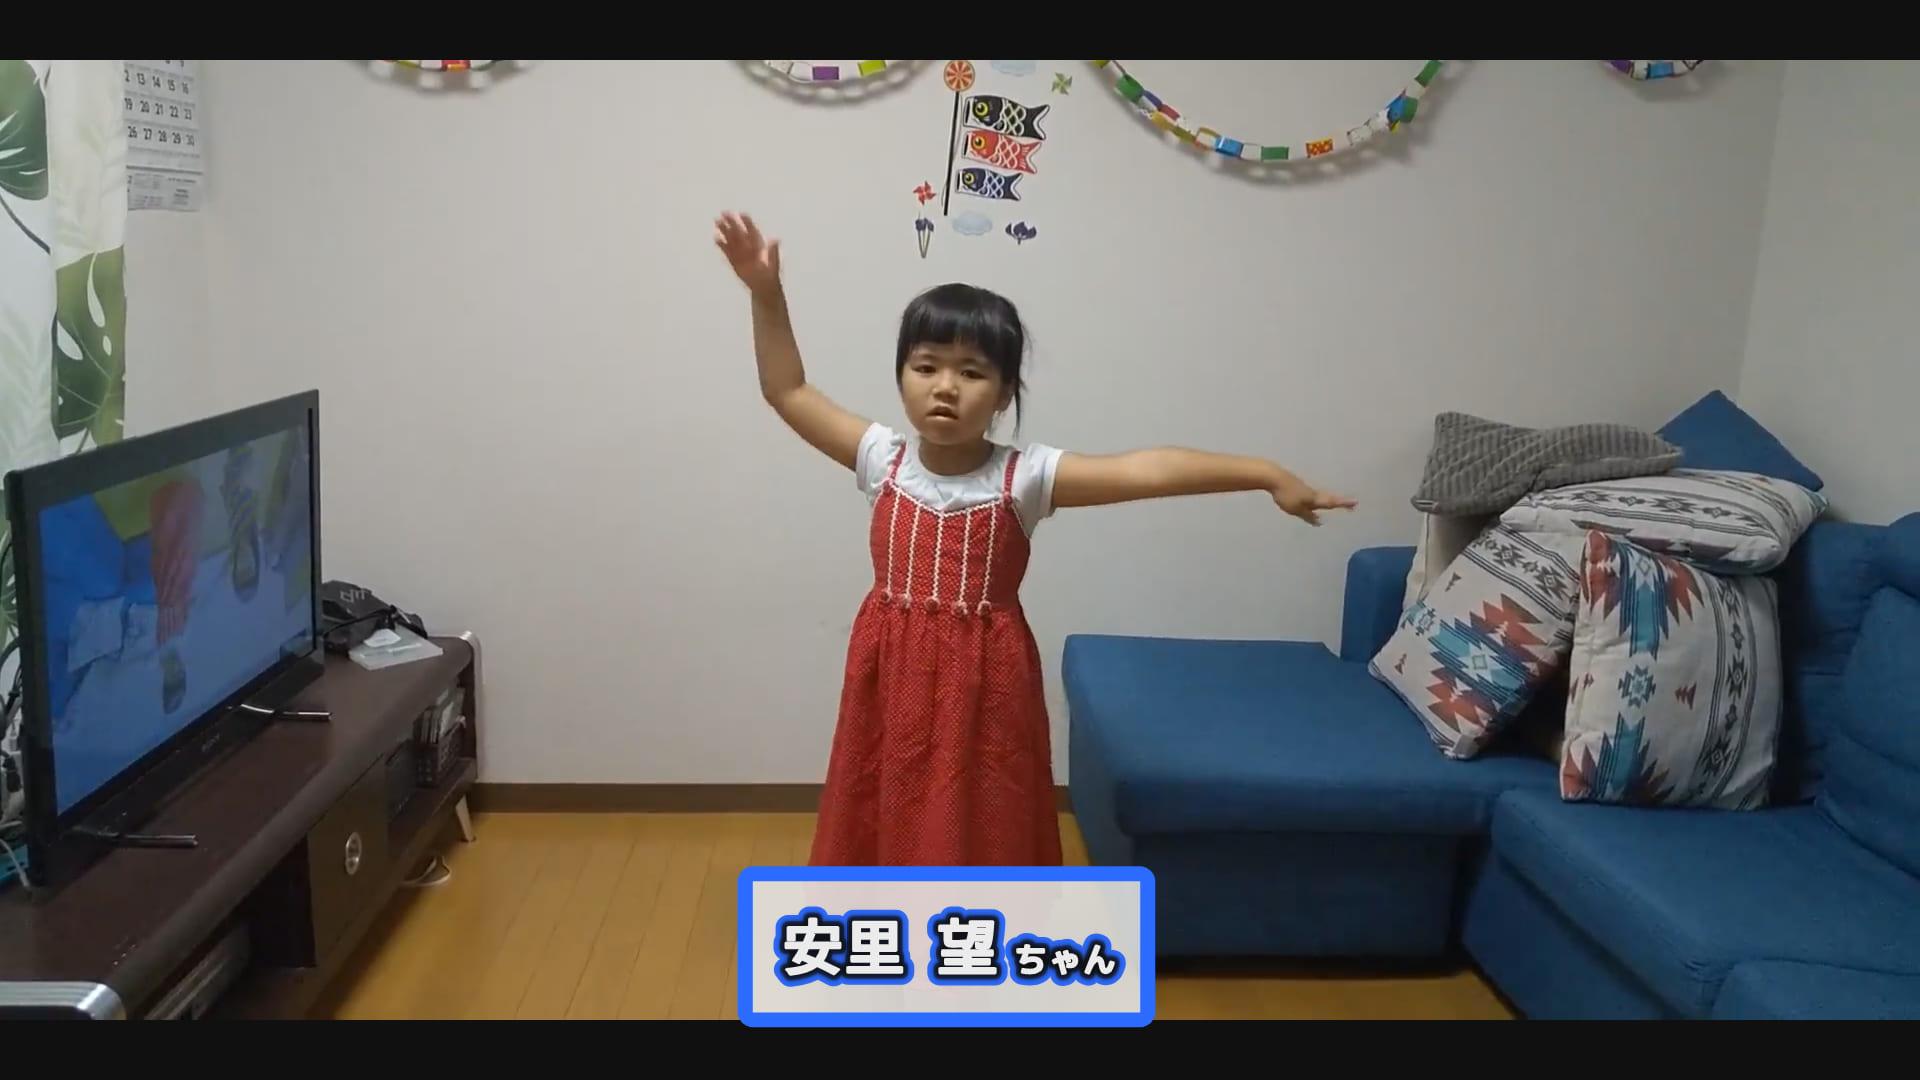 安里望ちゃん2